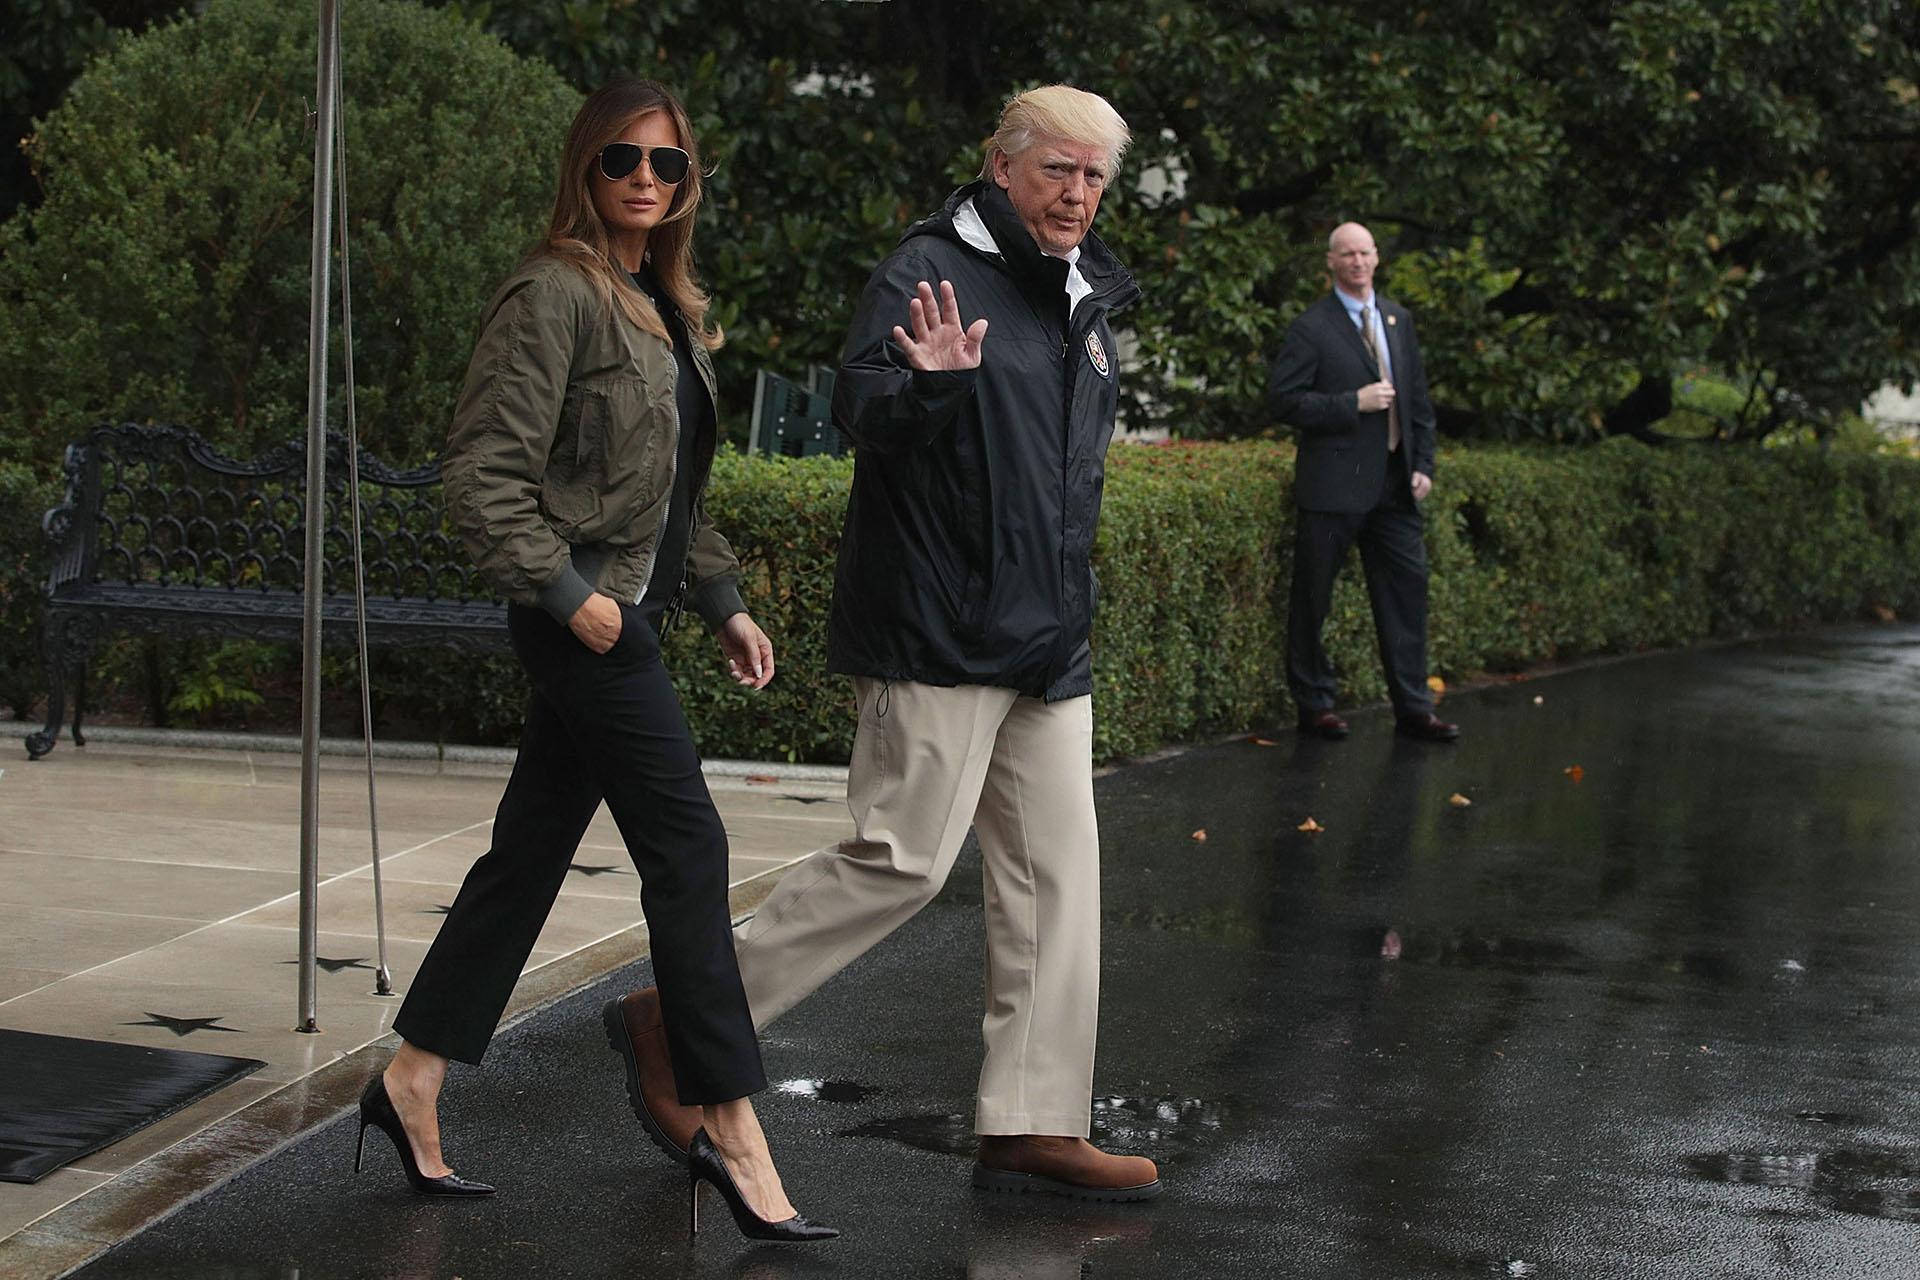 Uno de los looks que despertó la polémica: mono negro acompañado de bomber en verde militar y sus clásicos stylletos, recorriendo Texas luego del paso del huracán Harvey